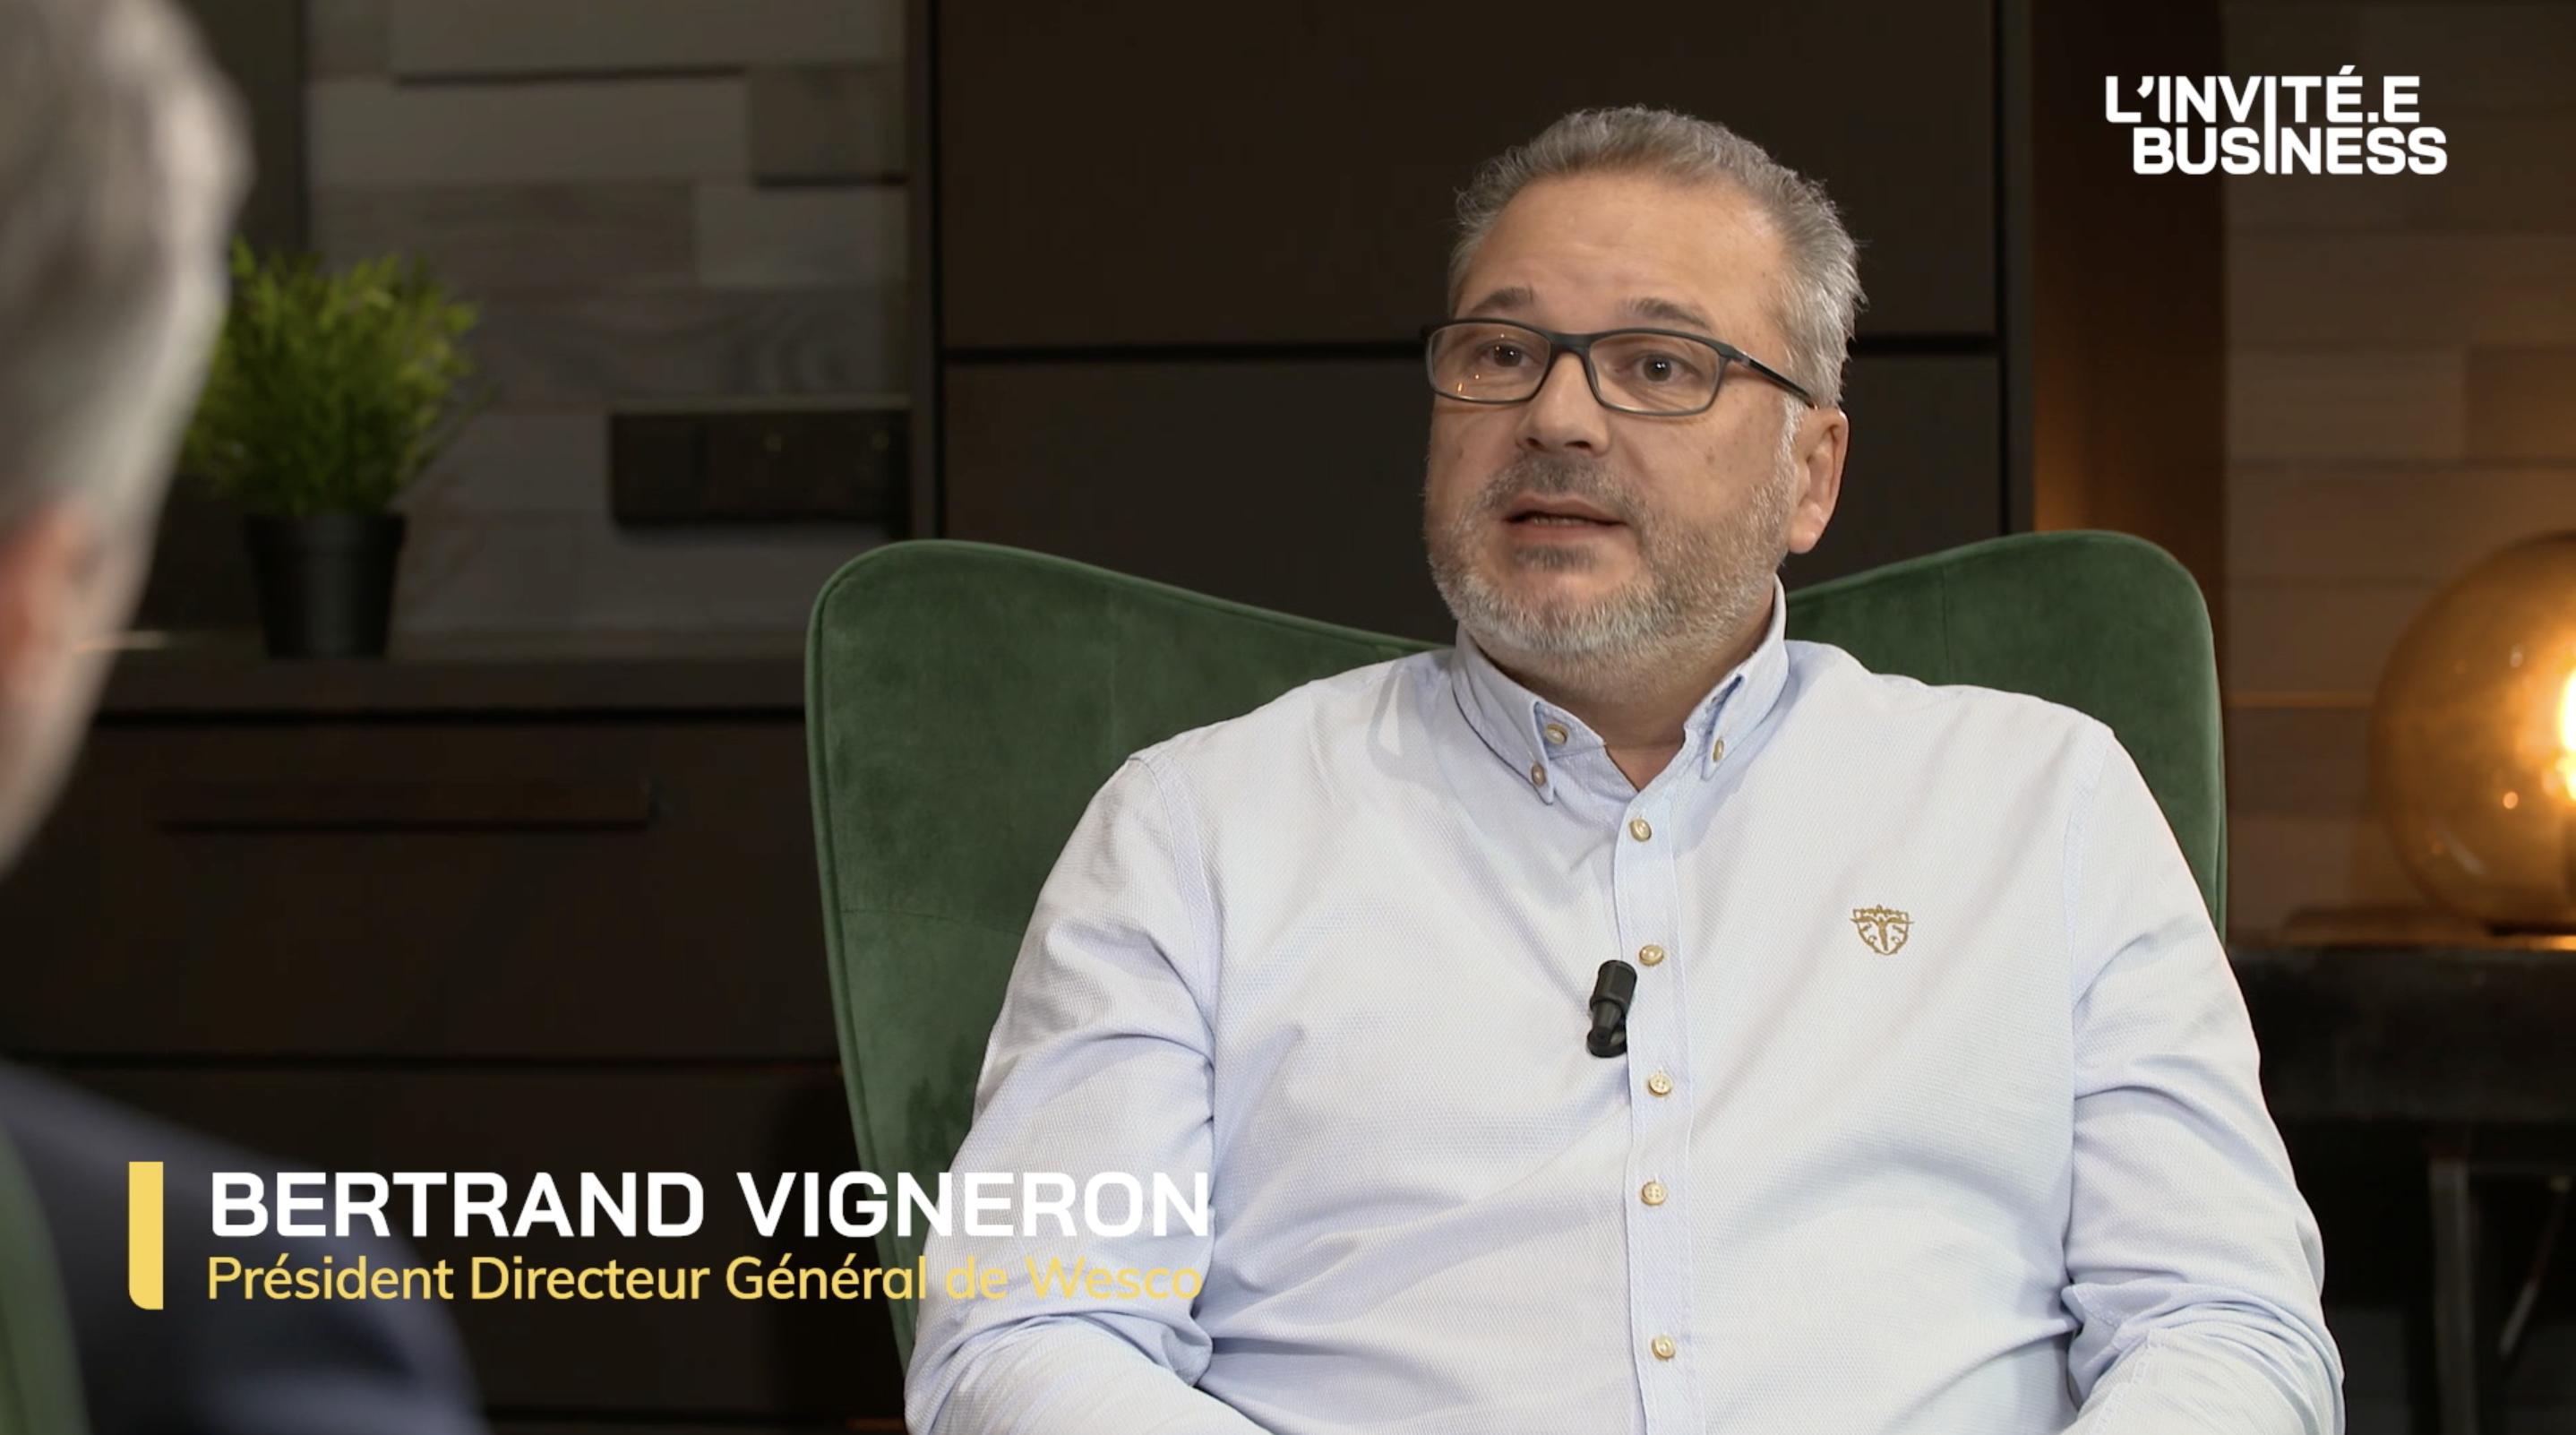 Bertrand Vigneron, Président Directeur Général du Groupe Wesco